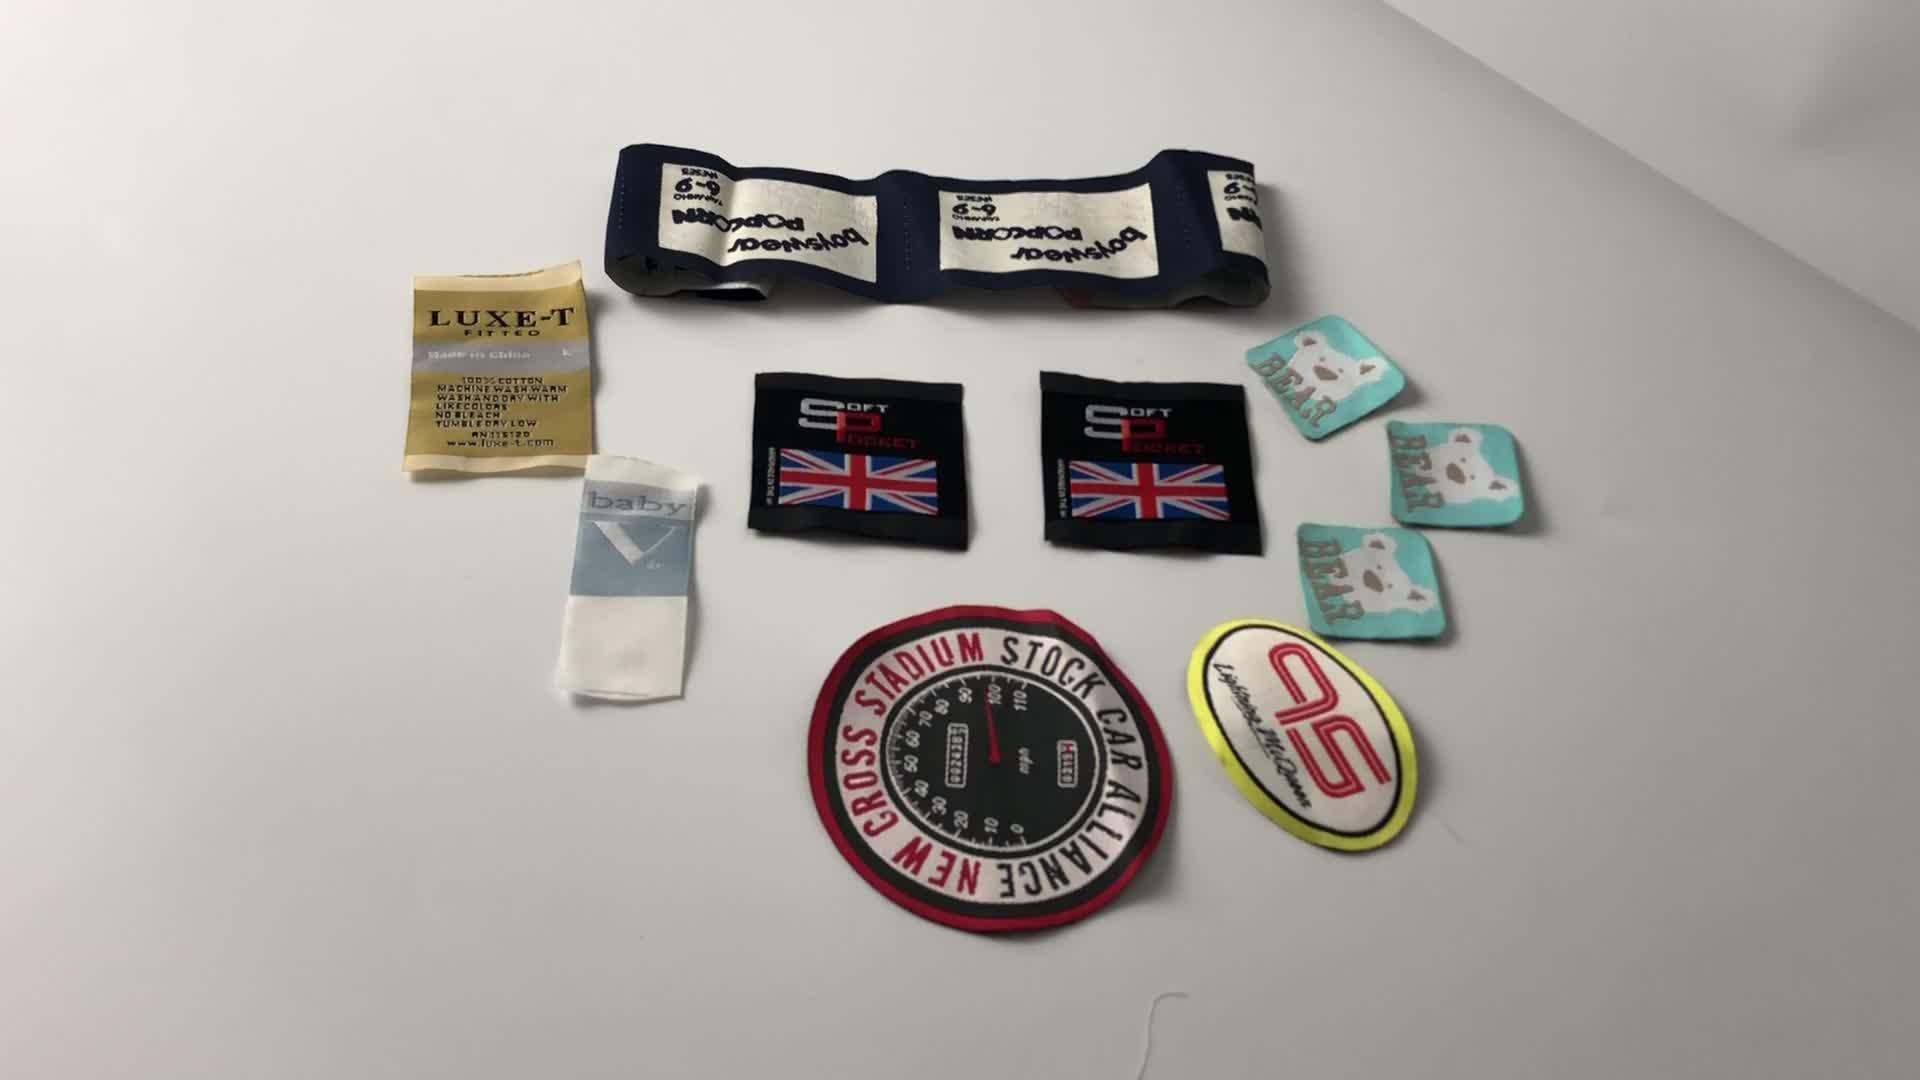 Giyim aksesuarları özel marka adı logosu damask dokuma etiket konfeksiyon giysi etiketi özel dokuma etiket giyim